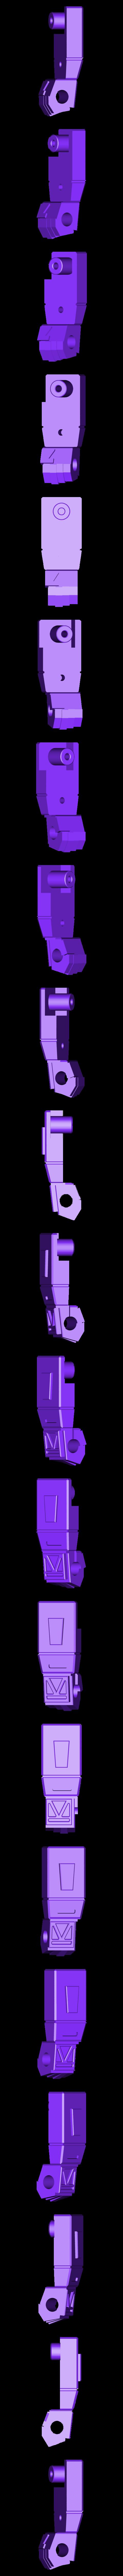 arm_v1_R_01.stl Download free STL file TRANSFORMERS G1 ROTORSTORM ARTICULATION UPGRADE KIT • 3D printable design, sickofyou